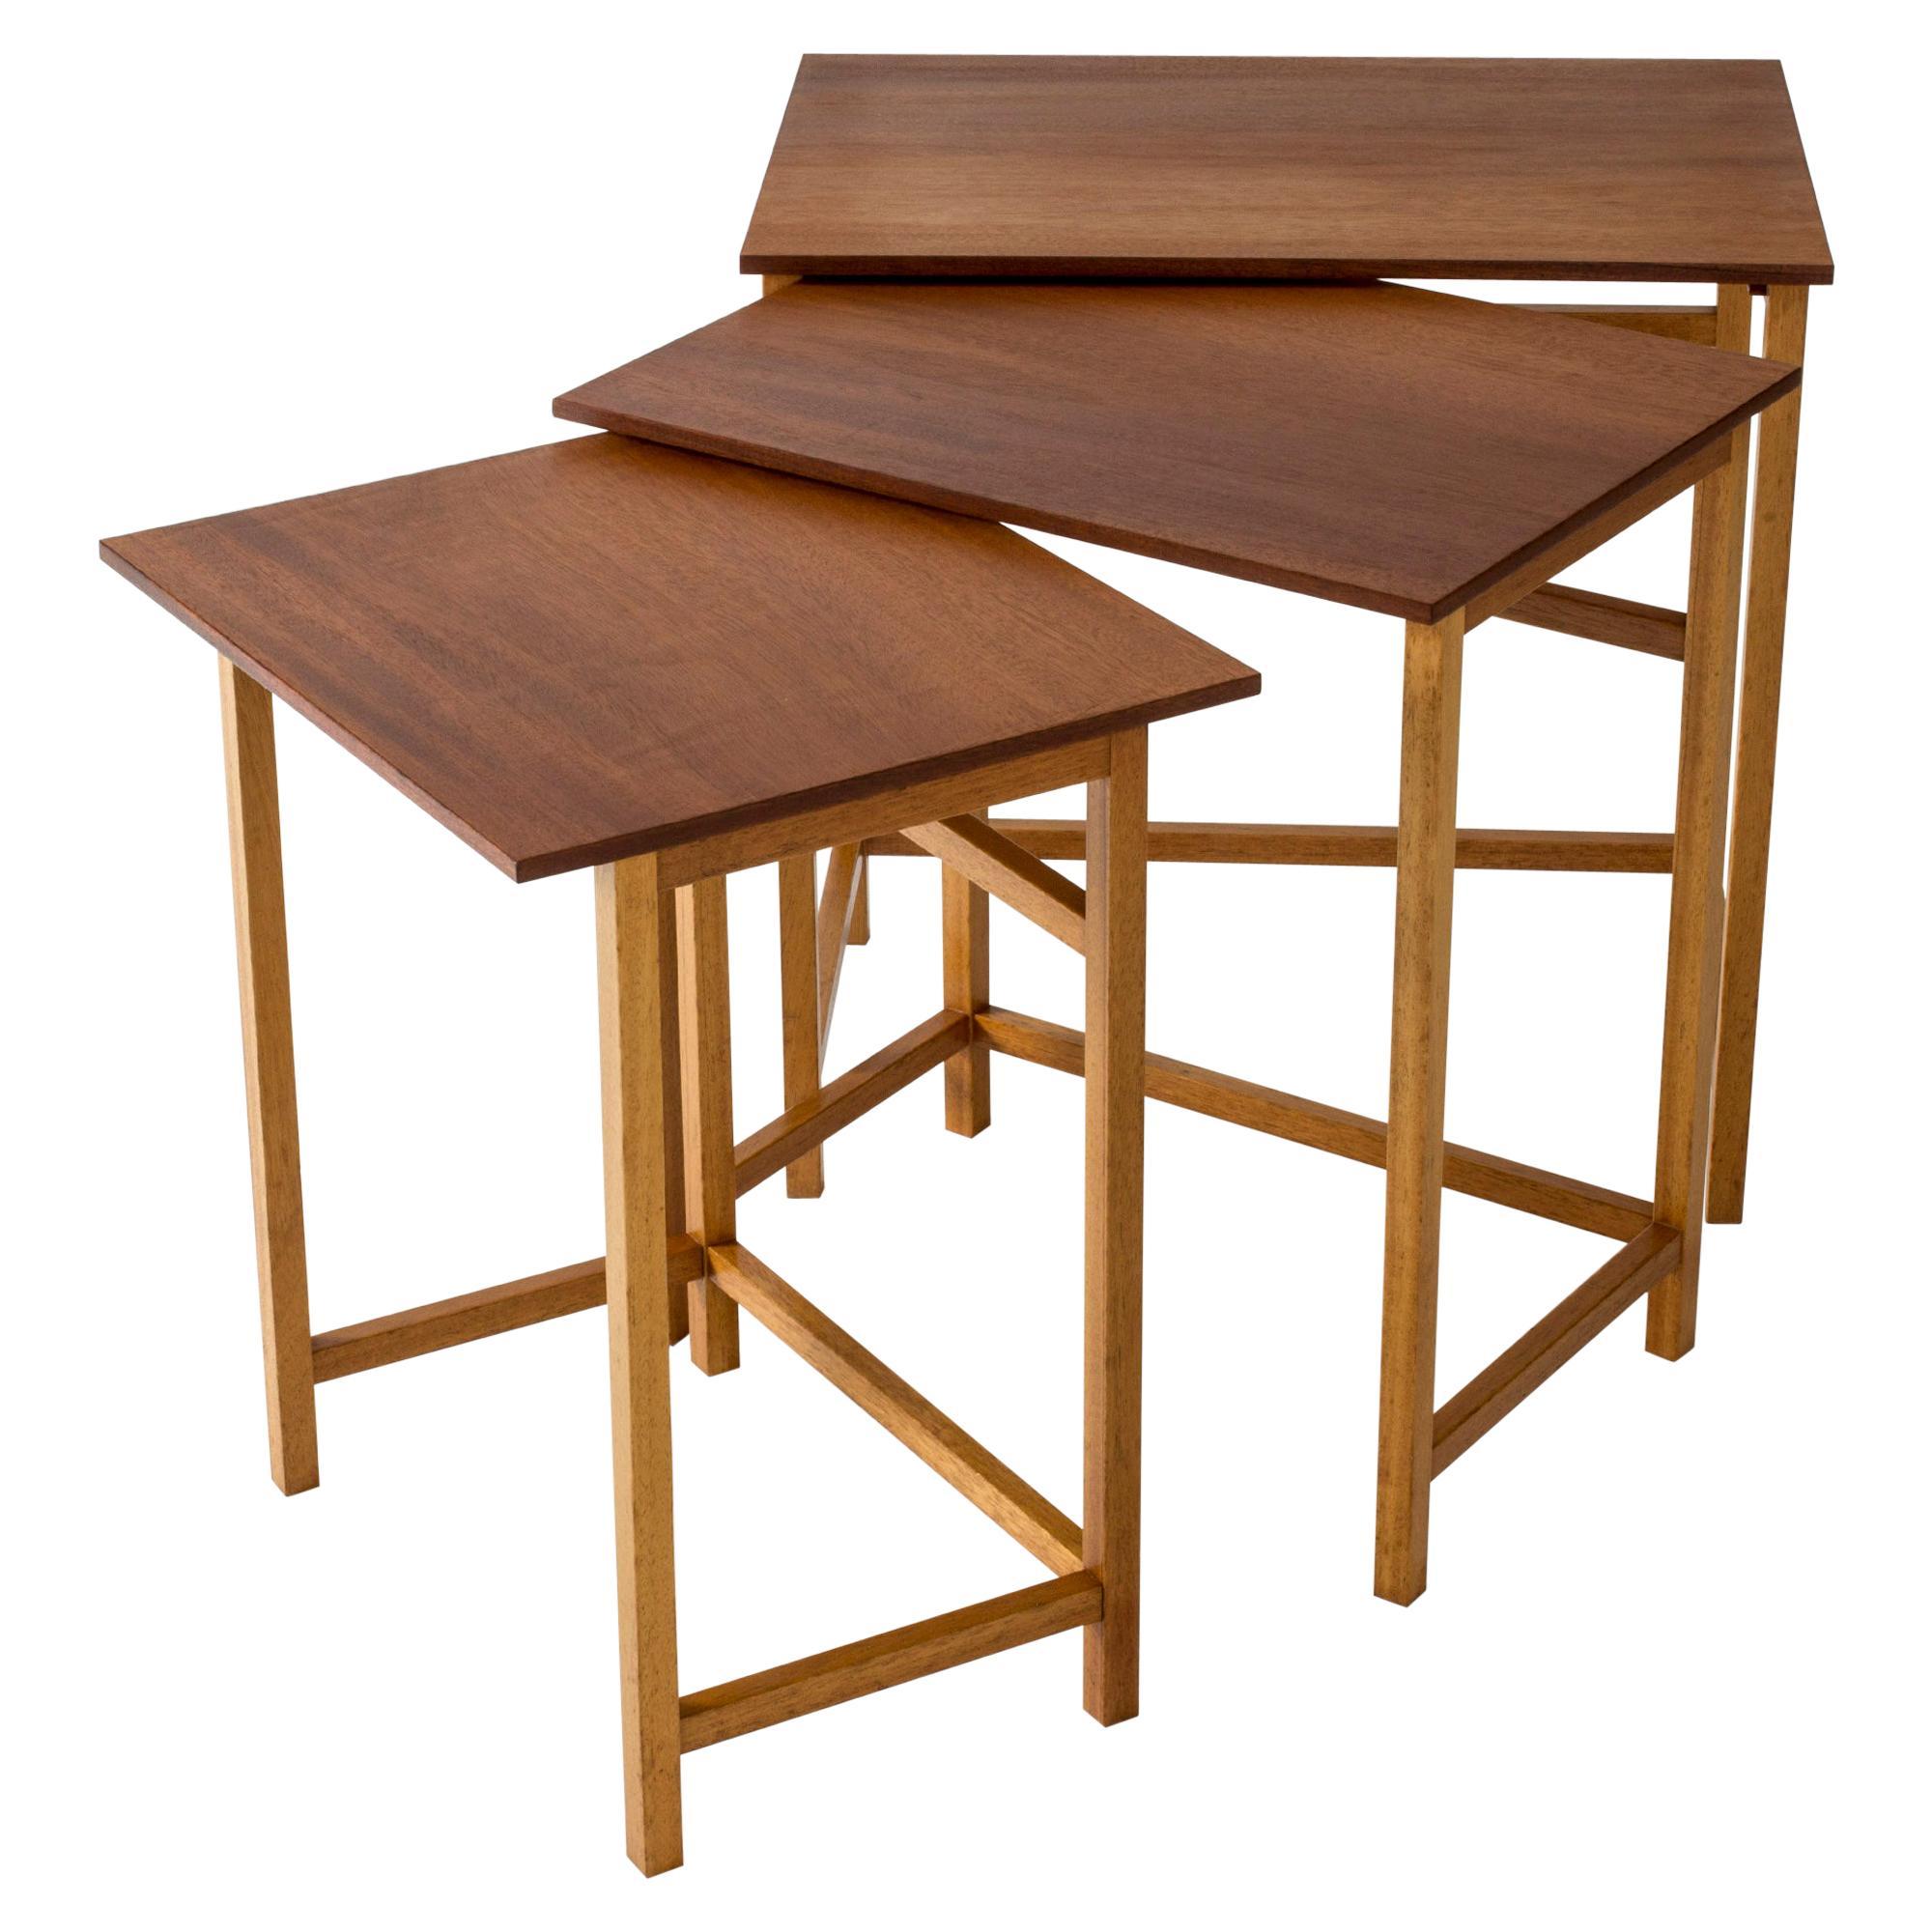 Rare Mahogany Nesting Table by Josef Frank for Svenskt Tenn, Sweden, 1950s